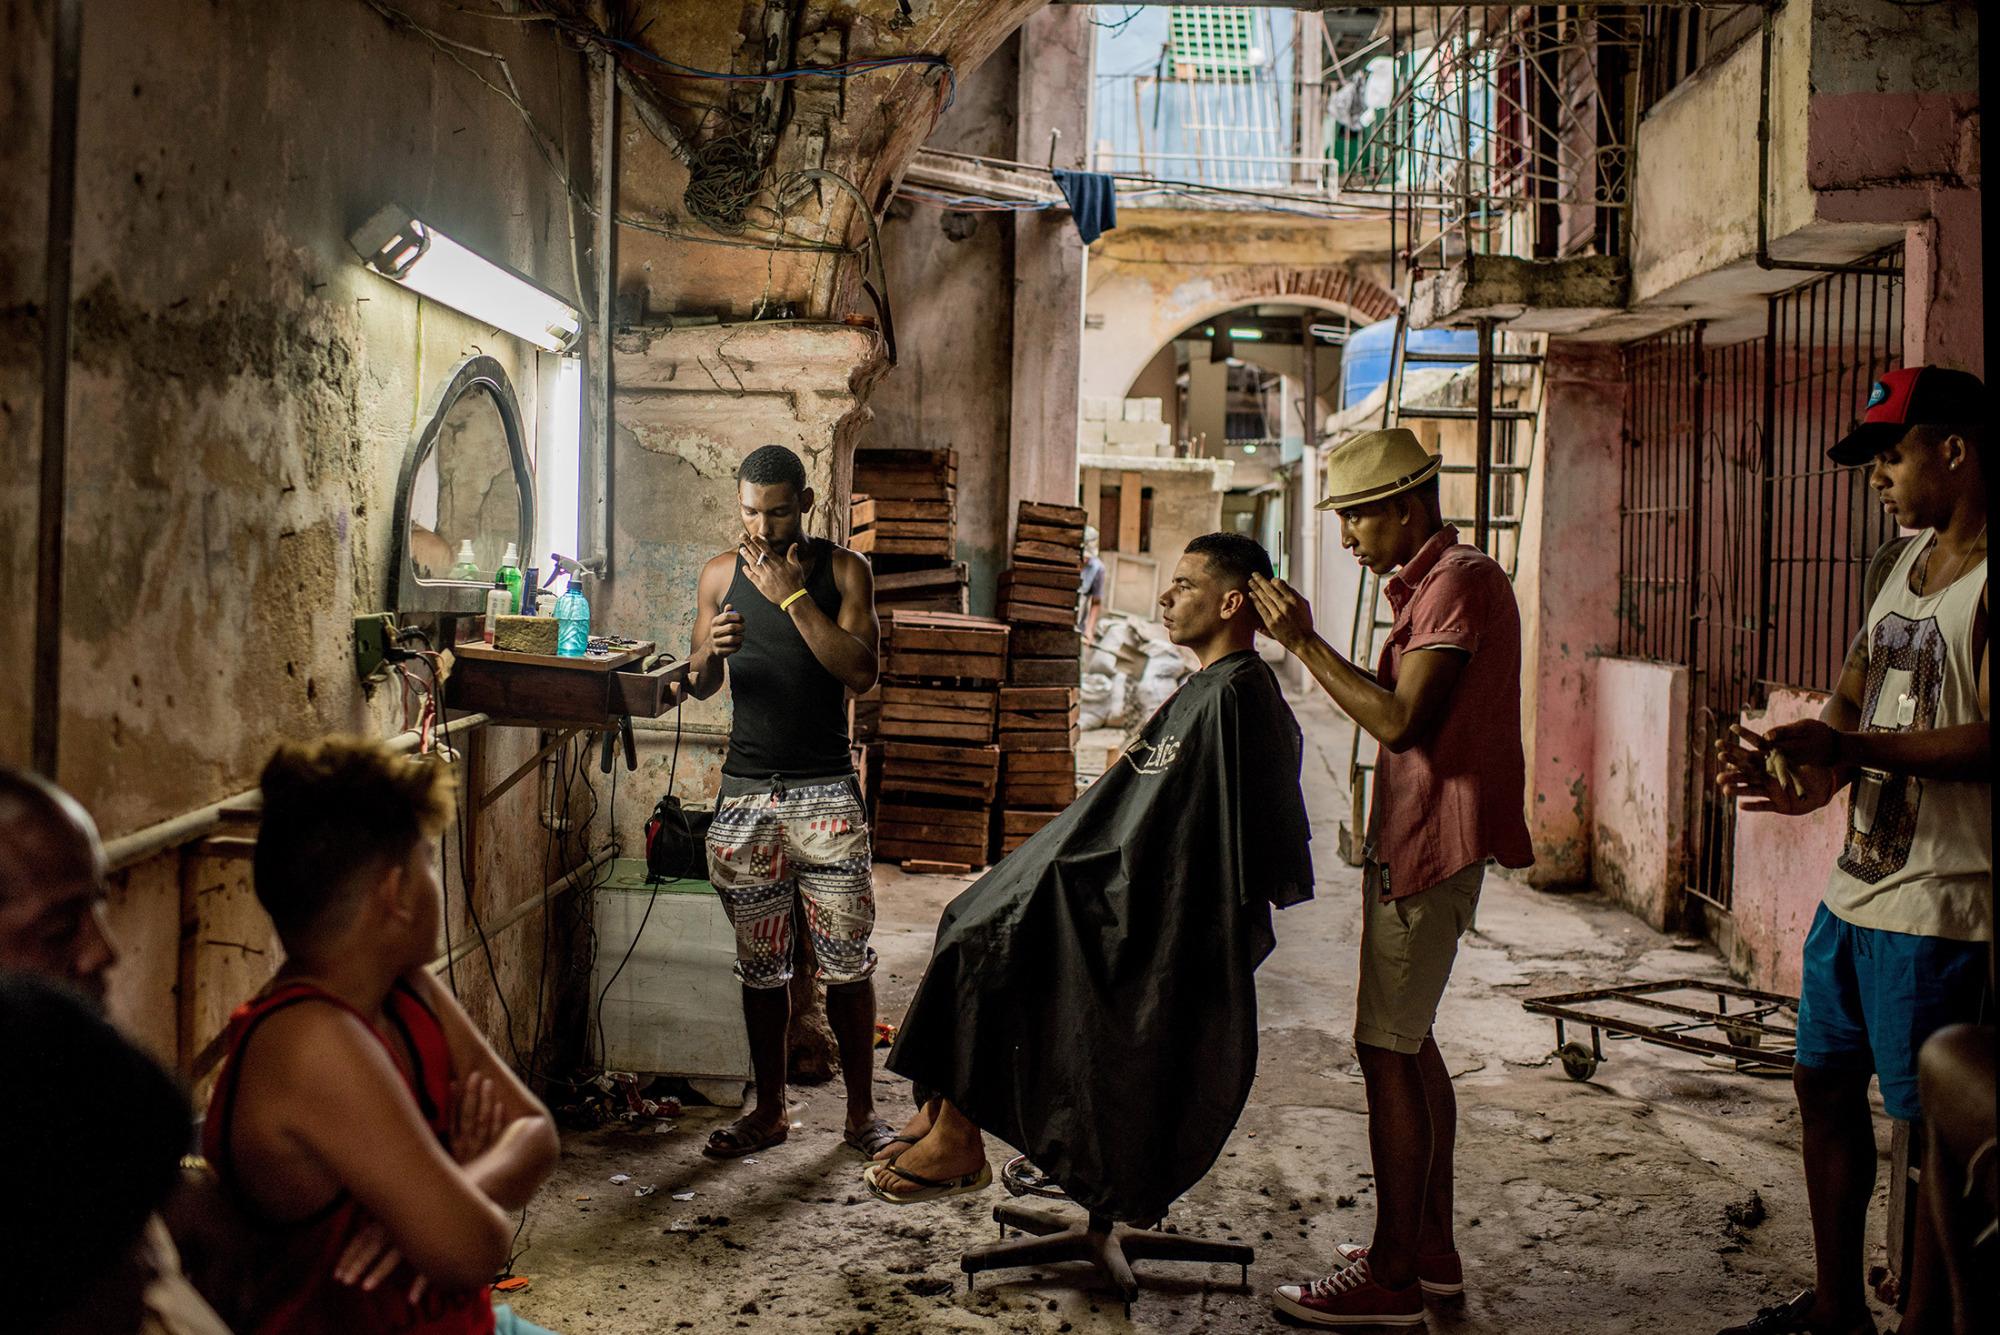 Cuba on the Edge of Change